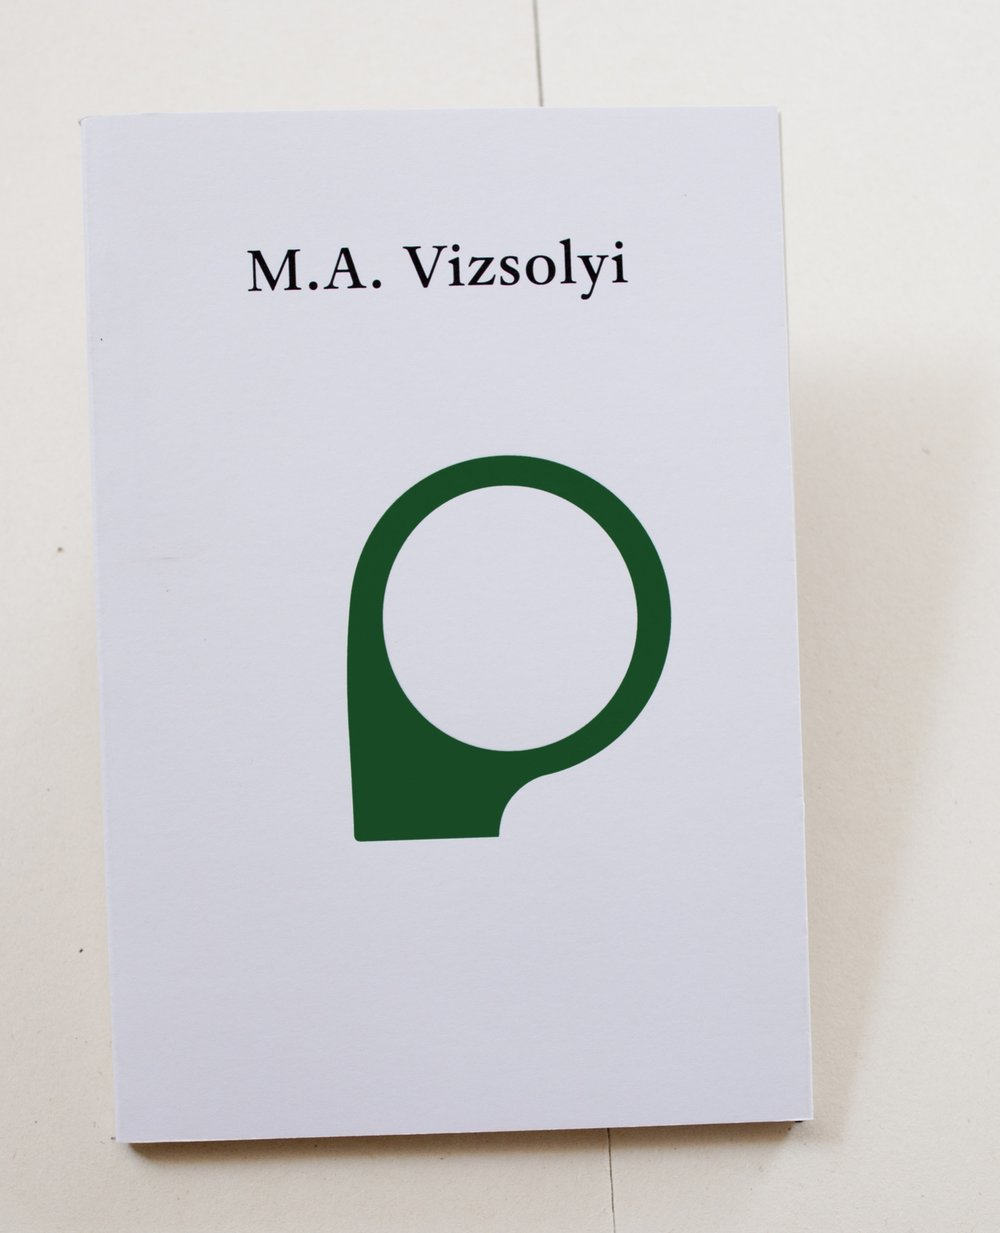 mz+c.jpg